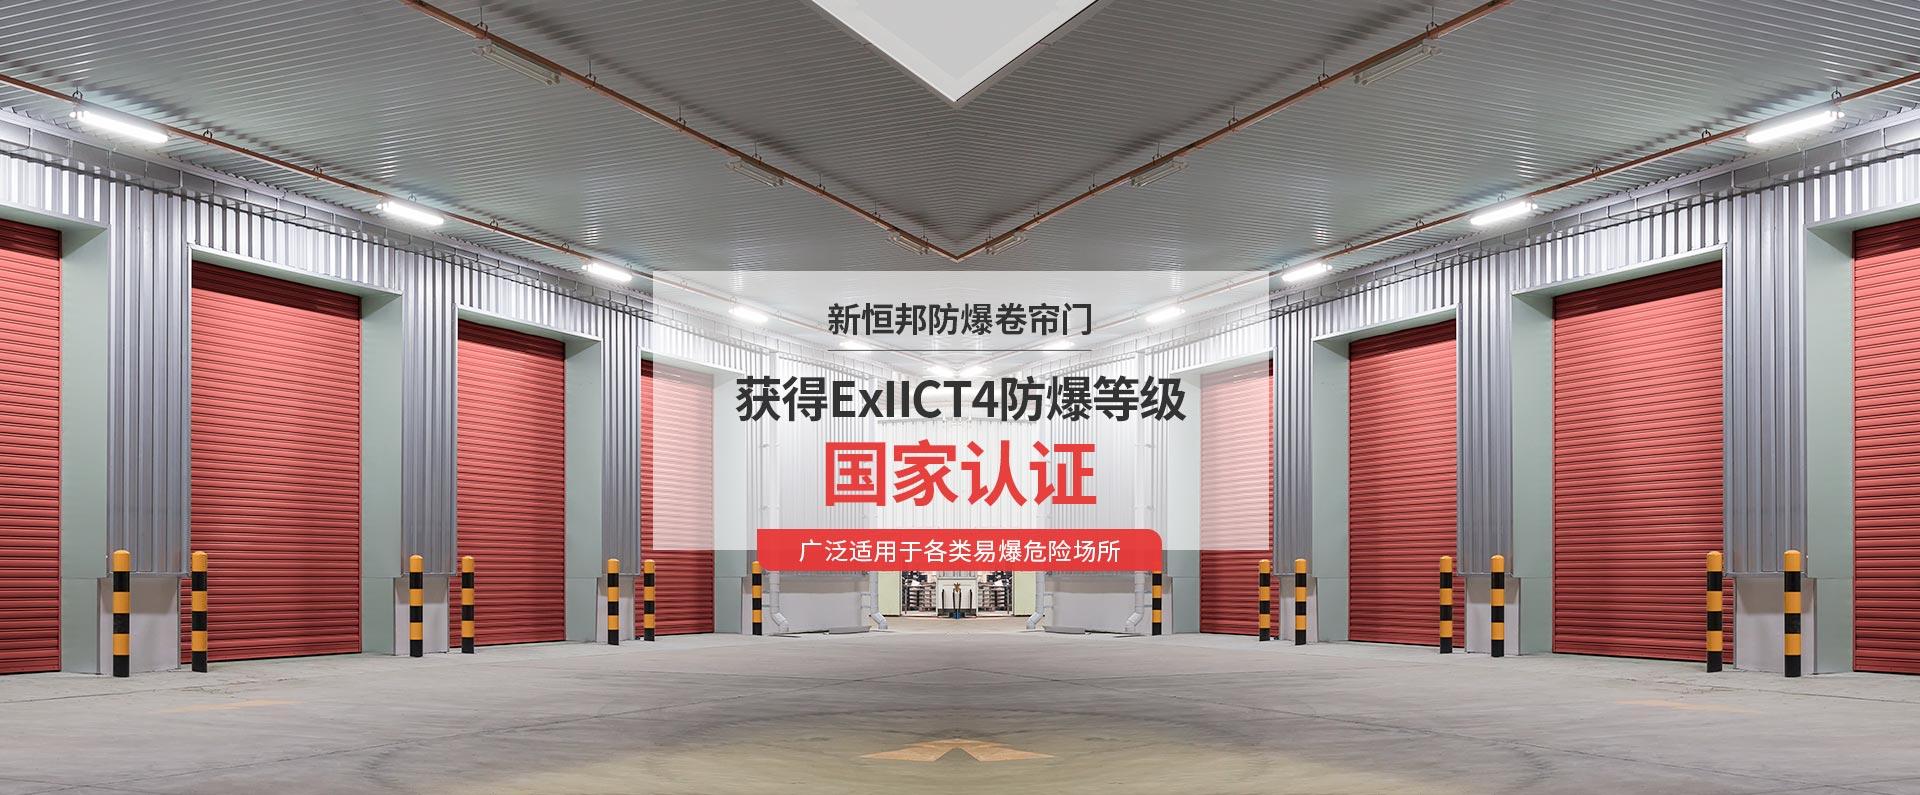 新恒邦防爆卷帘门获得ExIICT4防爆等级国家认证,广泛适用于各类易爆危险场所